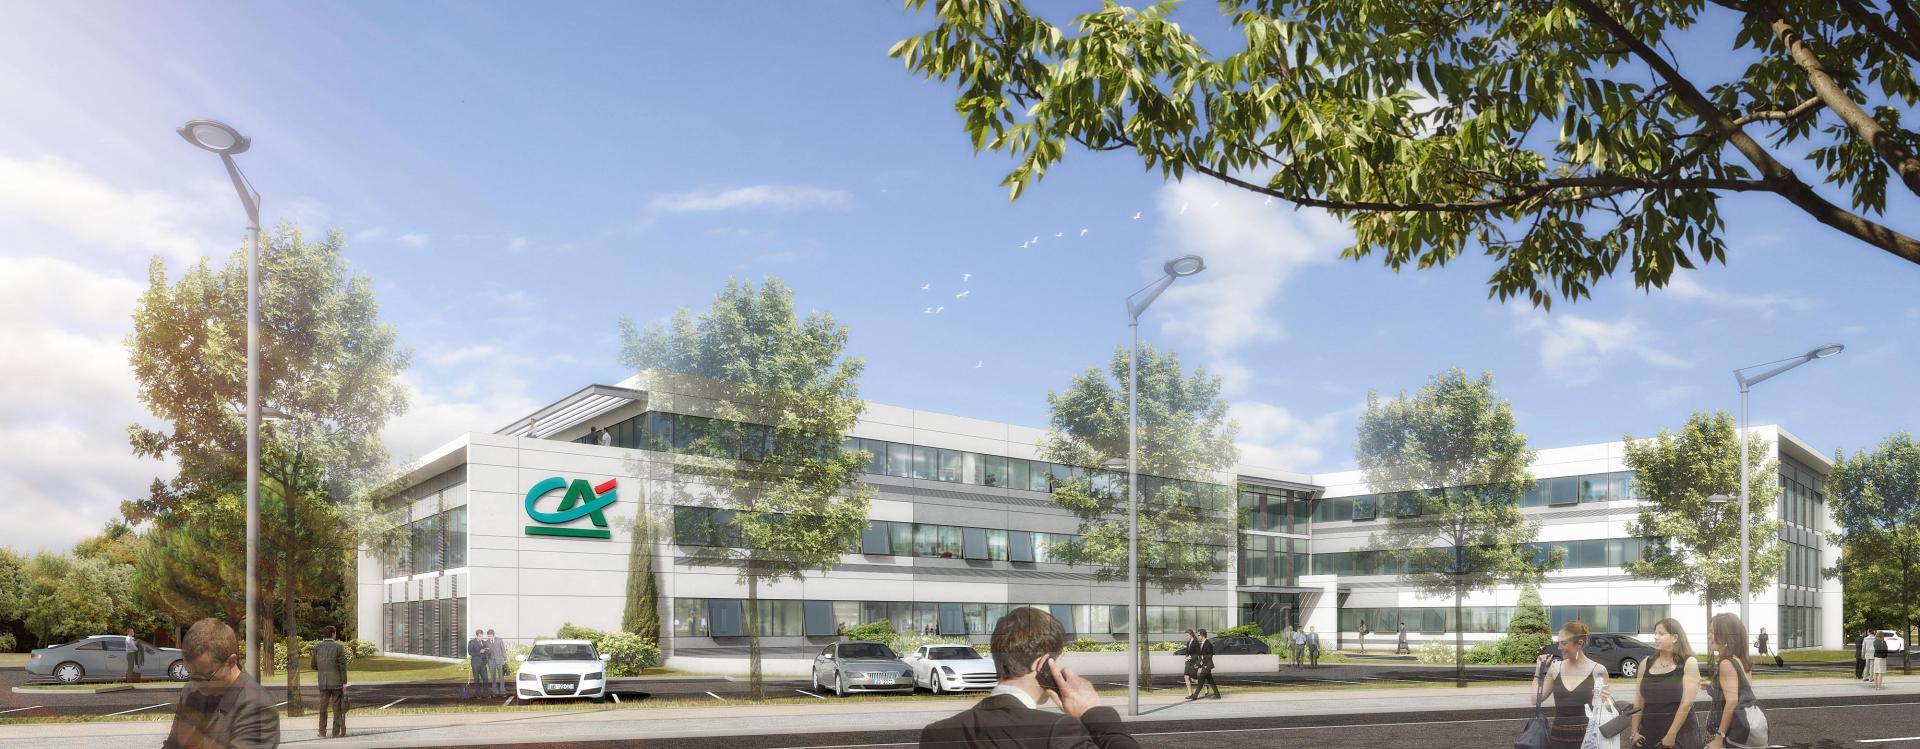 Crédit Agricole Immobilier et le Groupe GA s'associent pour la réalisation d'un nouvel immeuble de bureaux à Toulouse